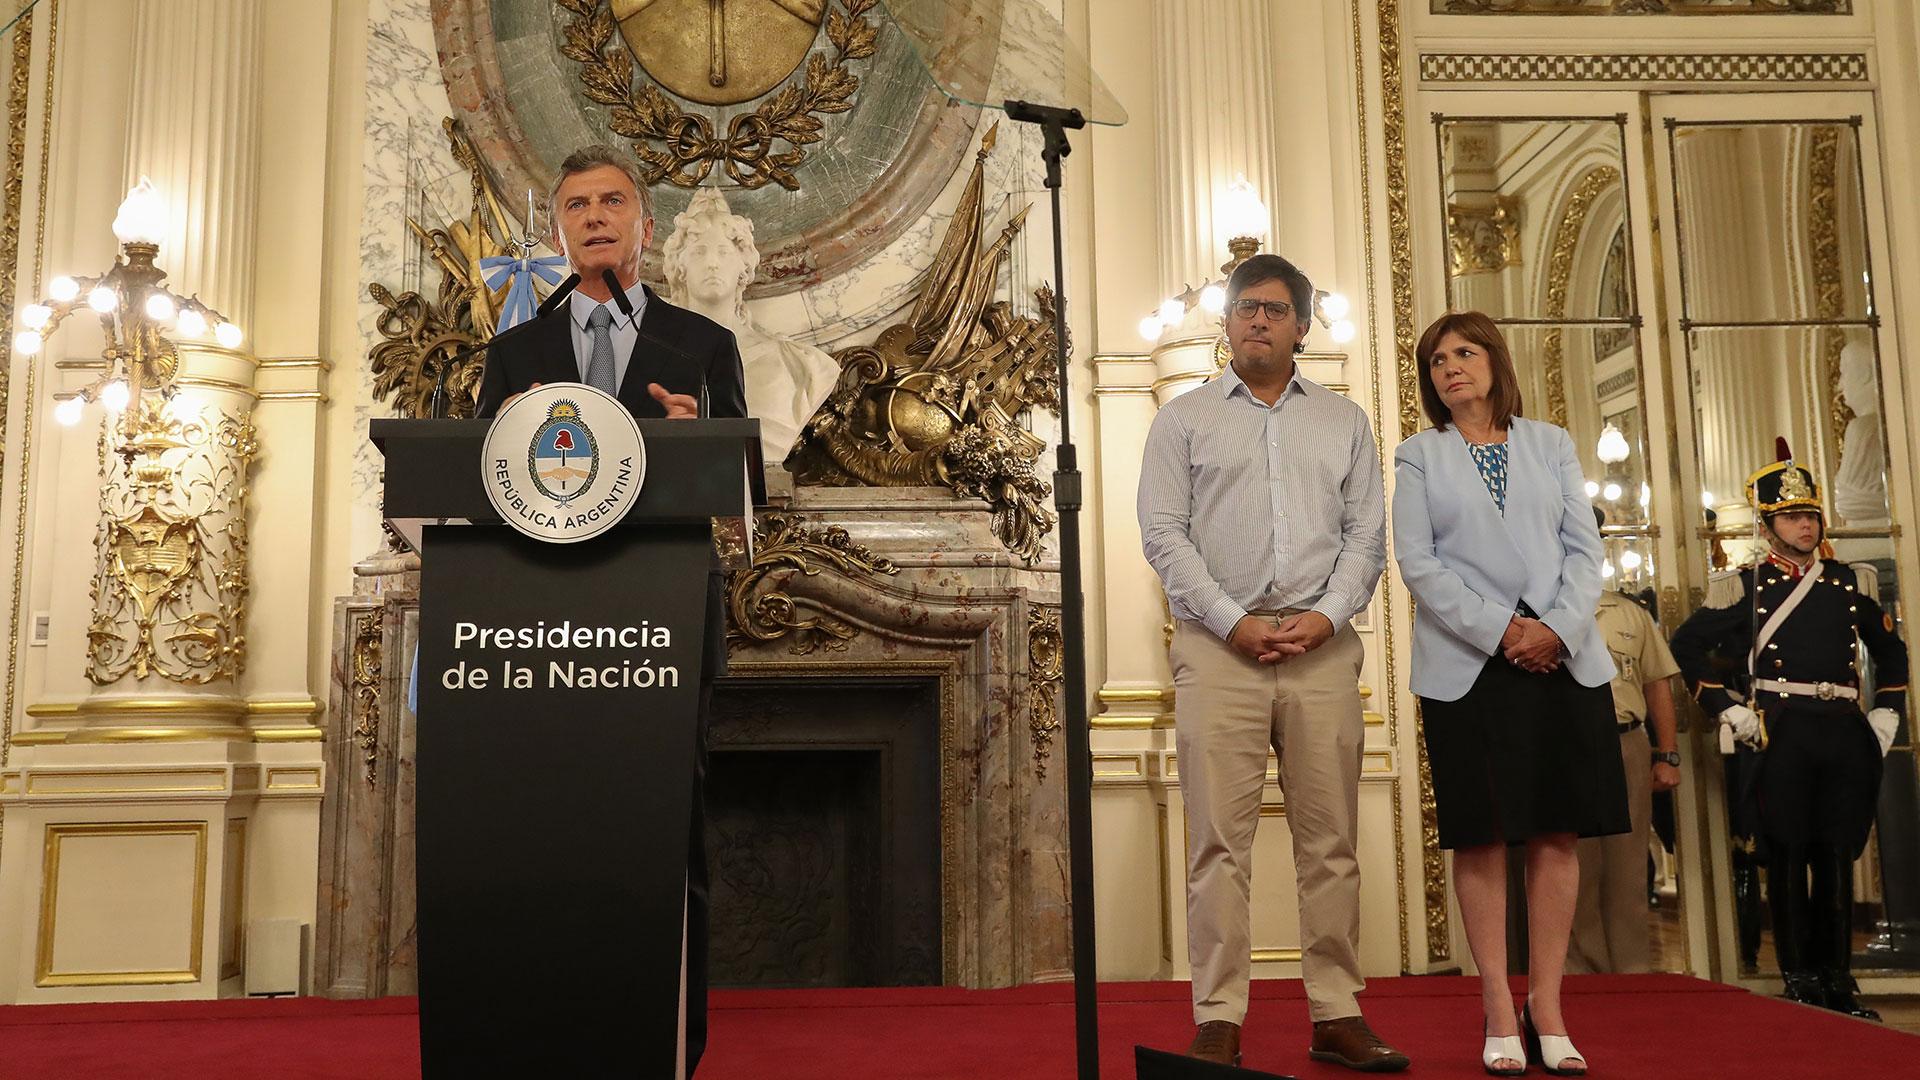 El presidente Mauricio Macri junto al ministro de Justicia, Germán Garavano, y la ministra de Seguridad, Patricia Bullrich (Prensa Presidencia)